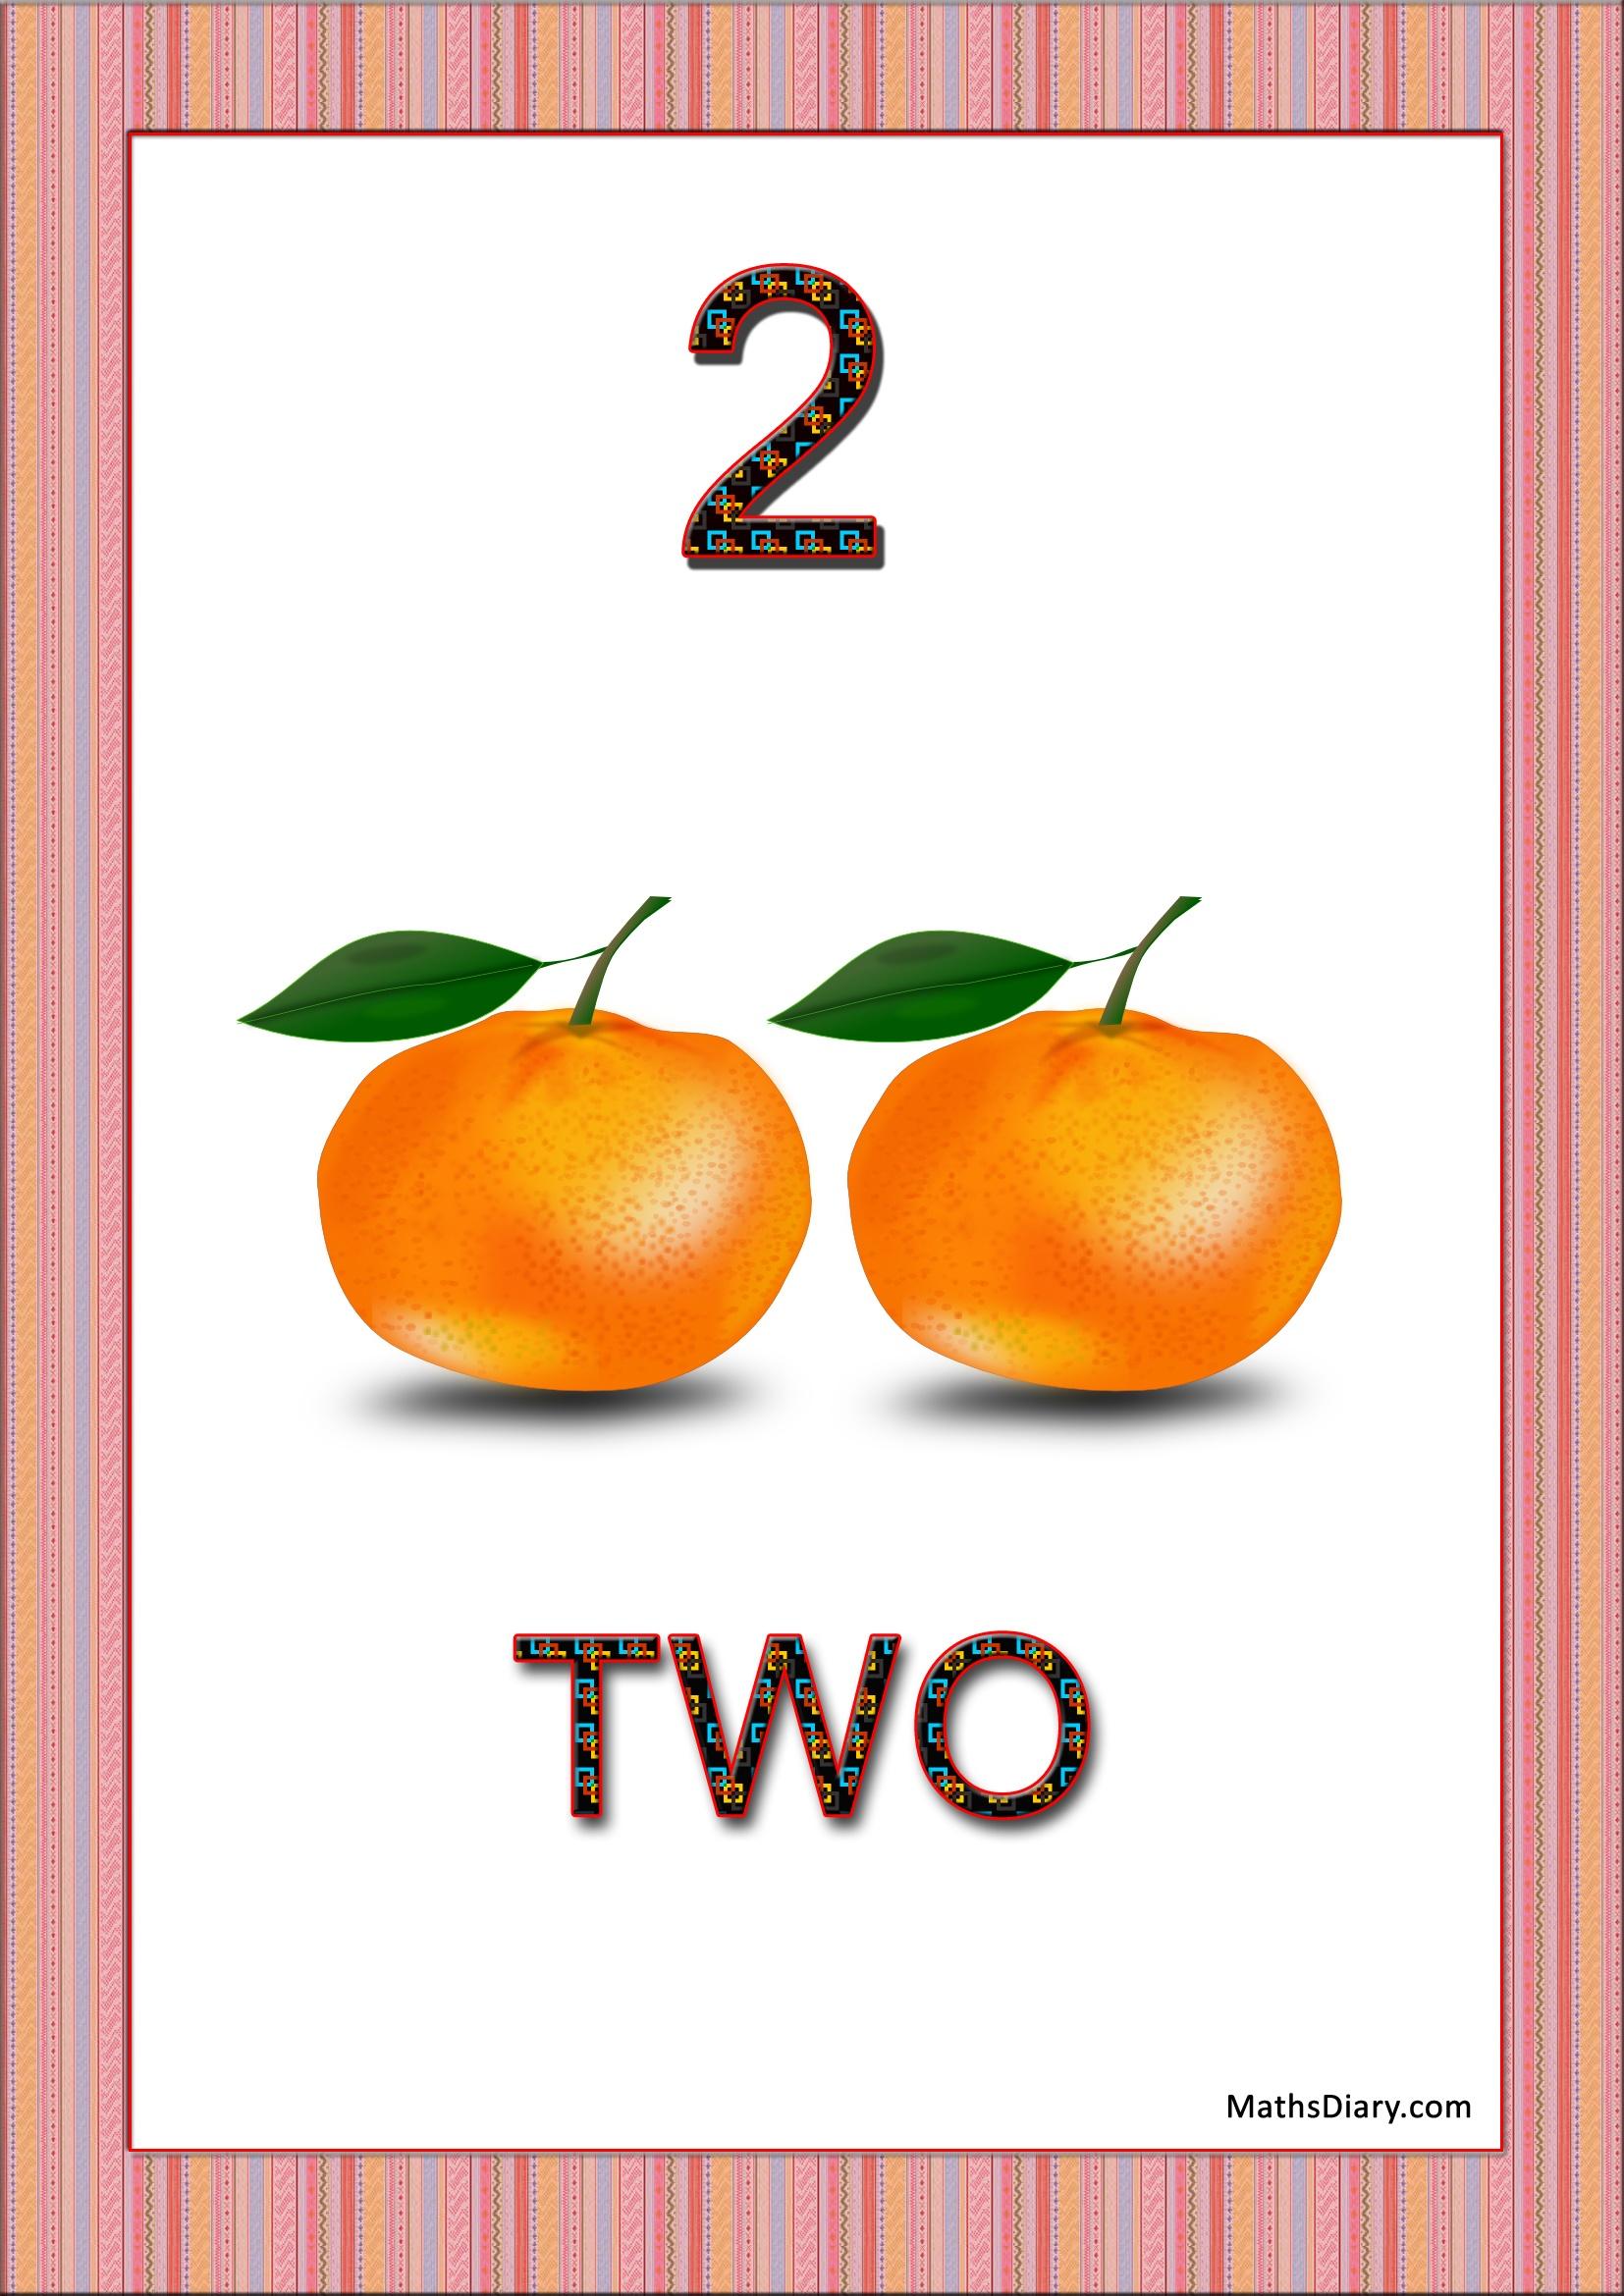 Worksheet Counting Oranges